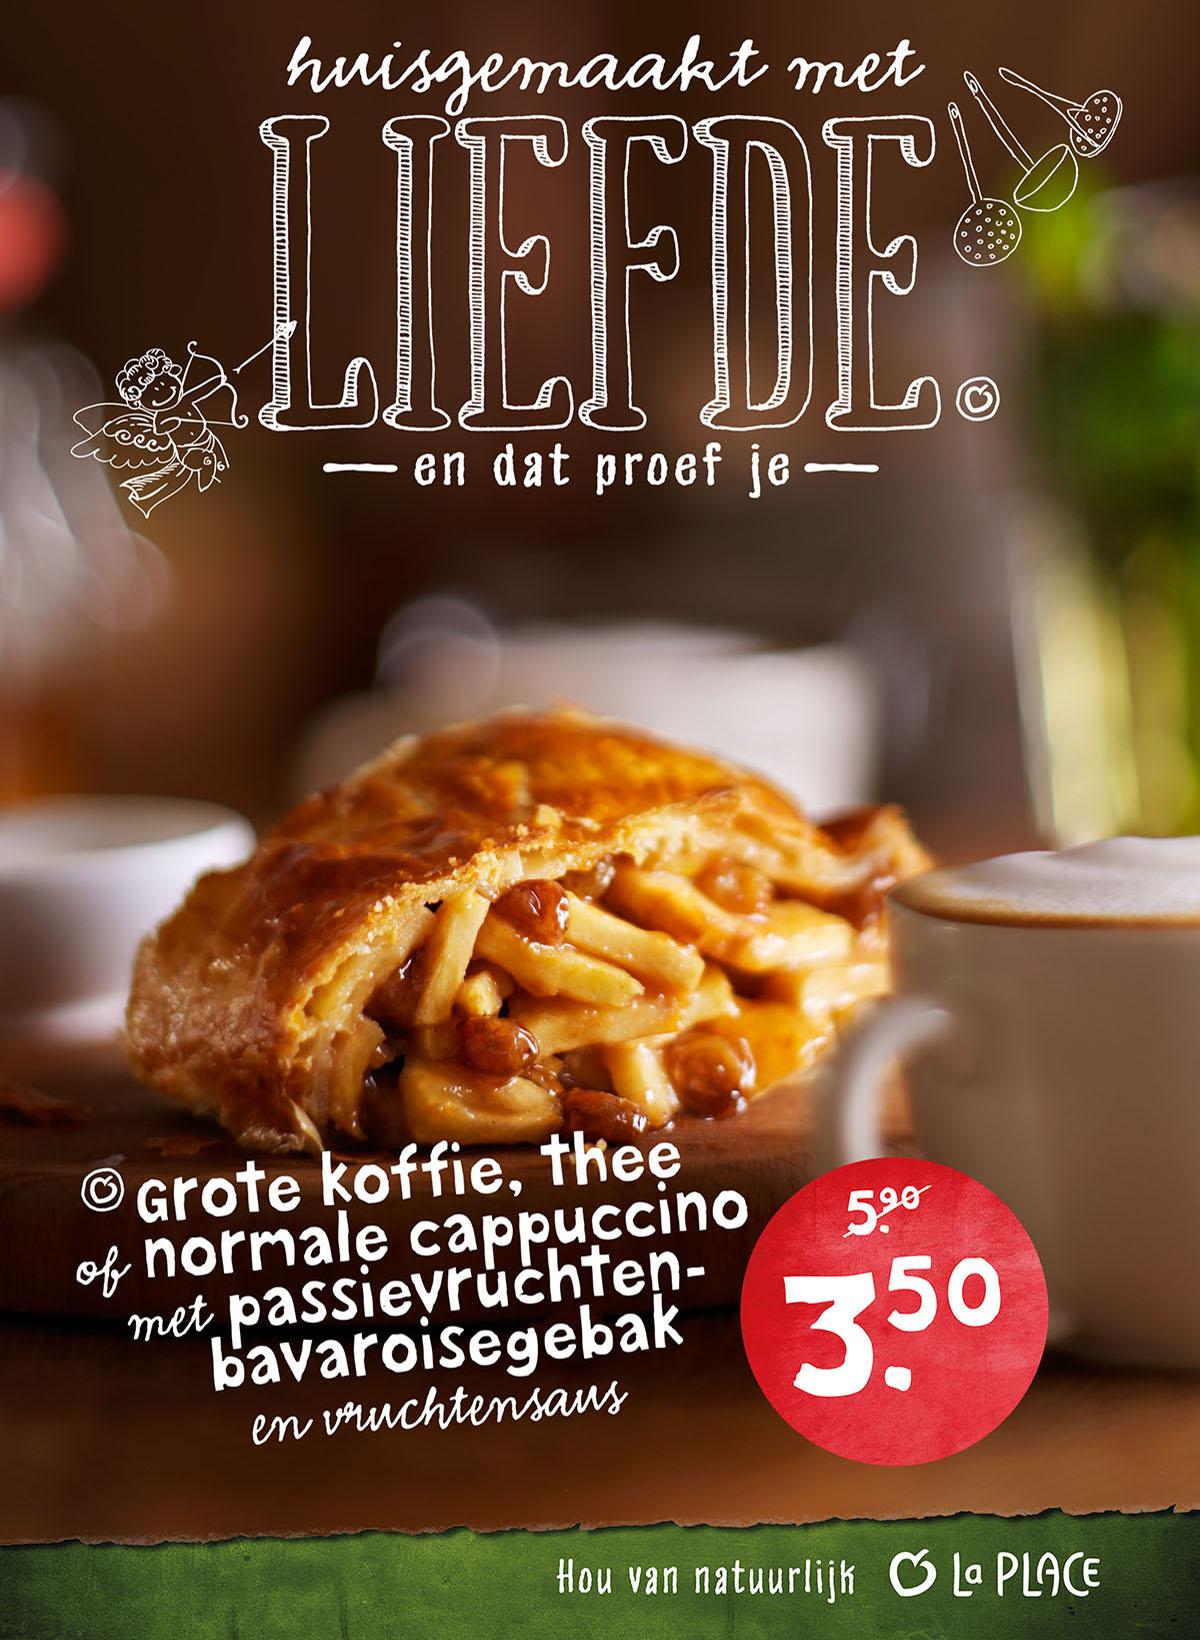 Food styling fotografie van apfelstrudel met een kopje koffie gemaakt door Studio_m Fotografie Amsterdam